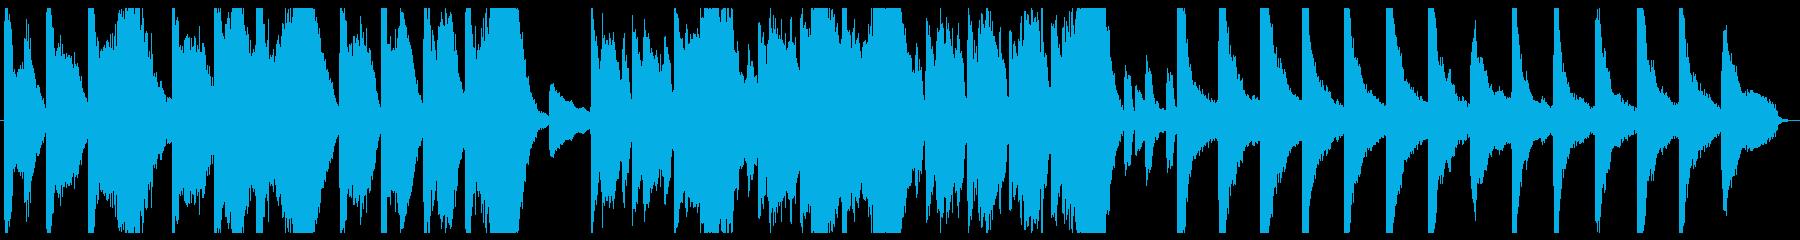 ピアノとストリングスによる荘厳な音楽の再生済みの波形